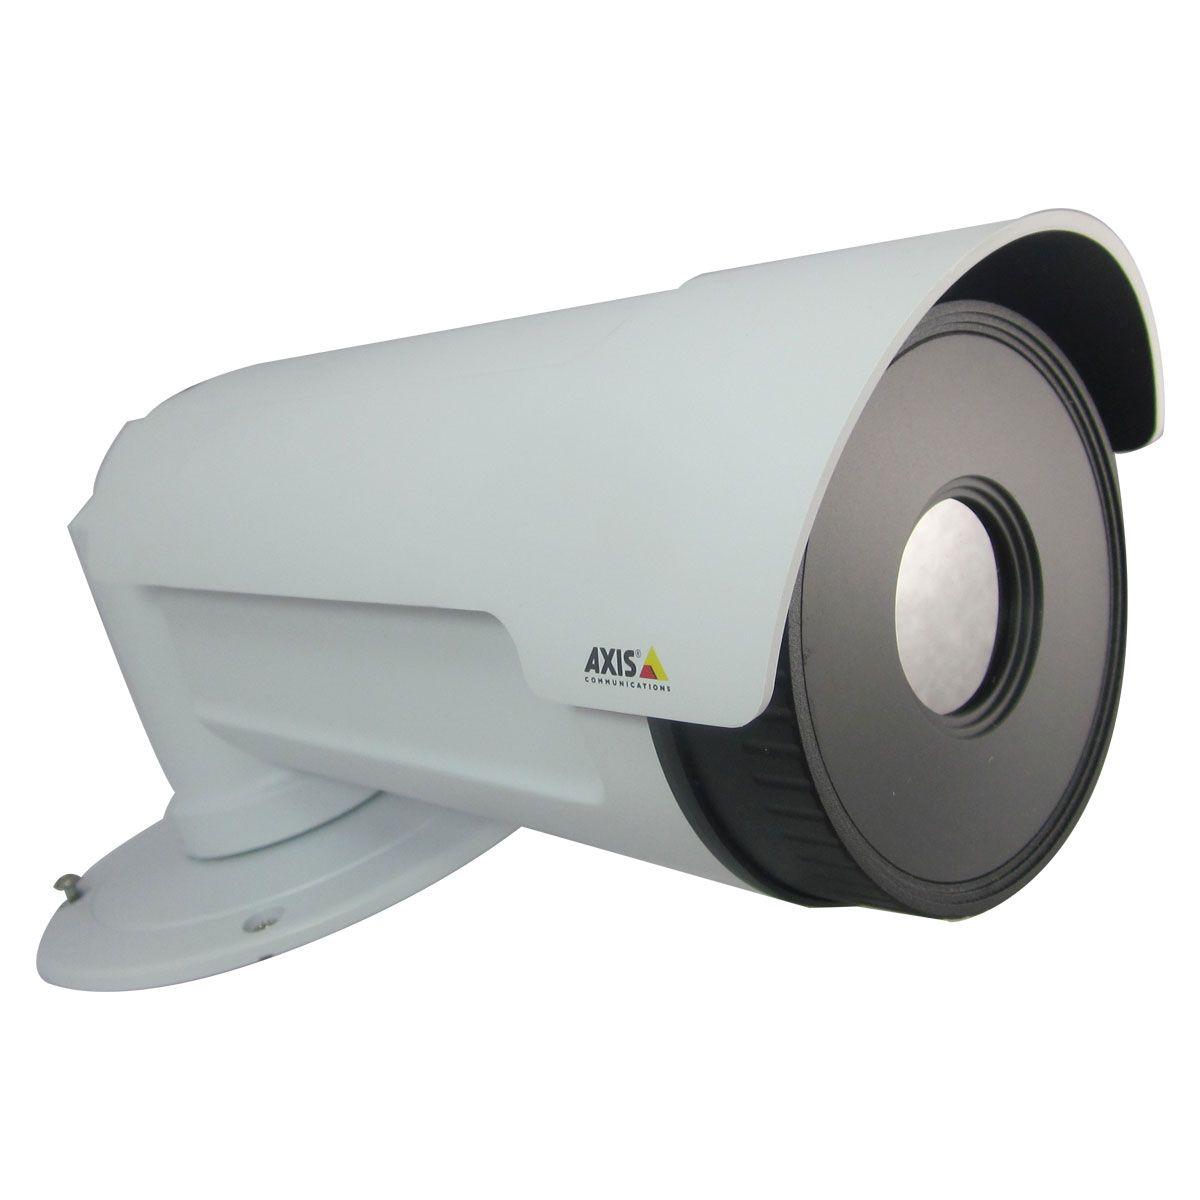 Cámara de seguridad AXIS IP Bullet Q1941-E Térmica